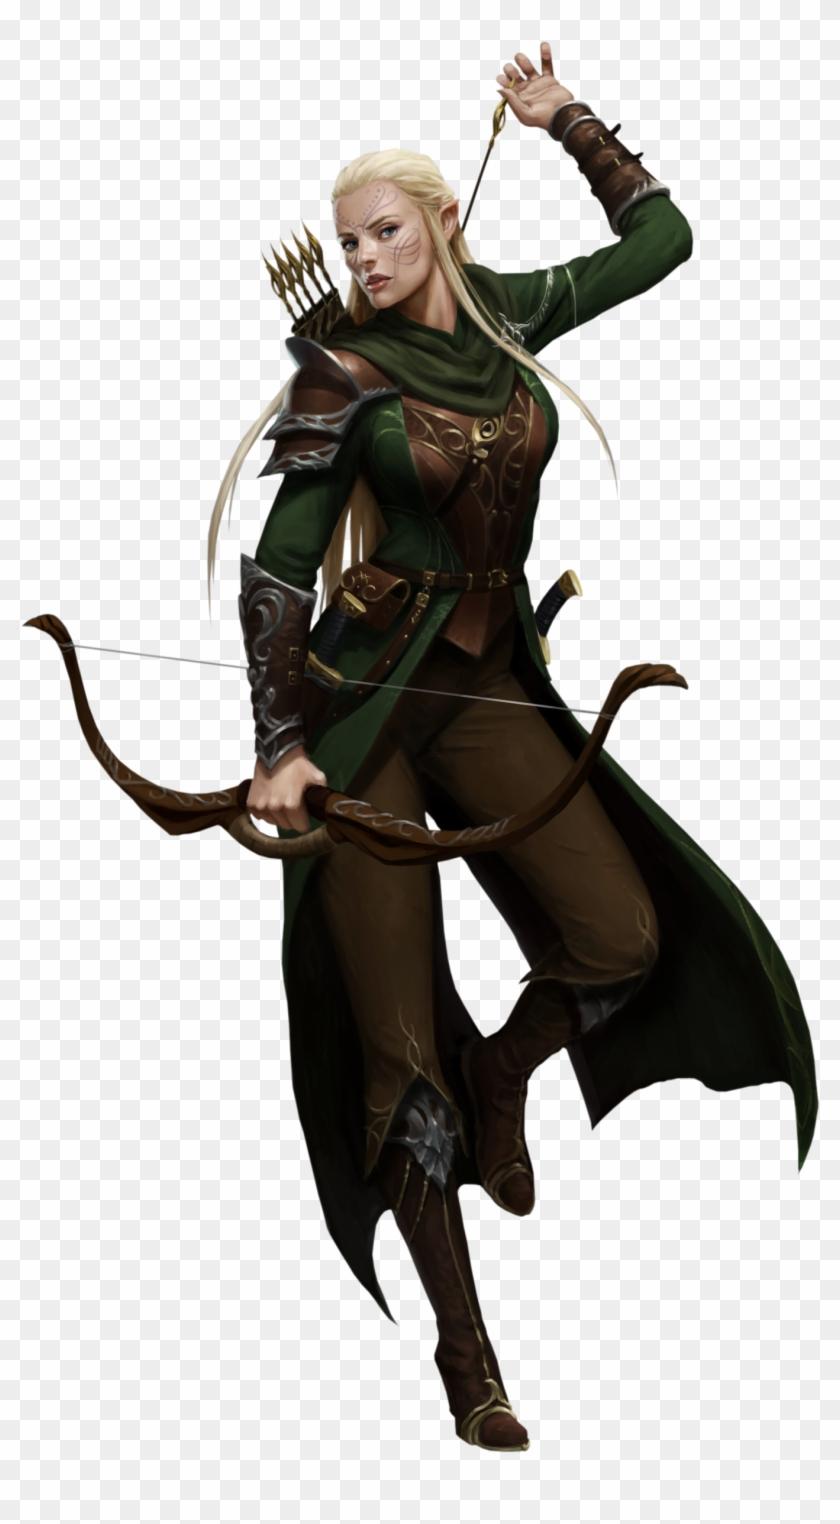 Pathfinder Female Elf Ranger , Png Download - Female High